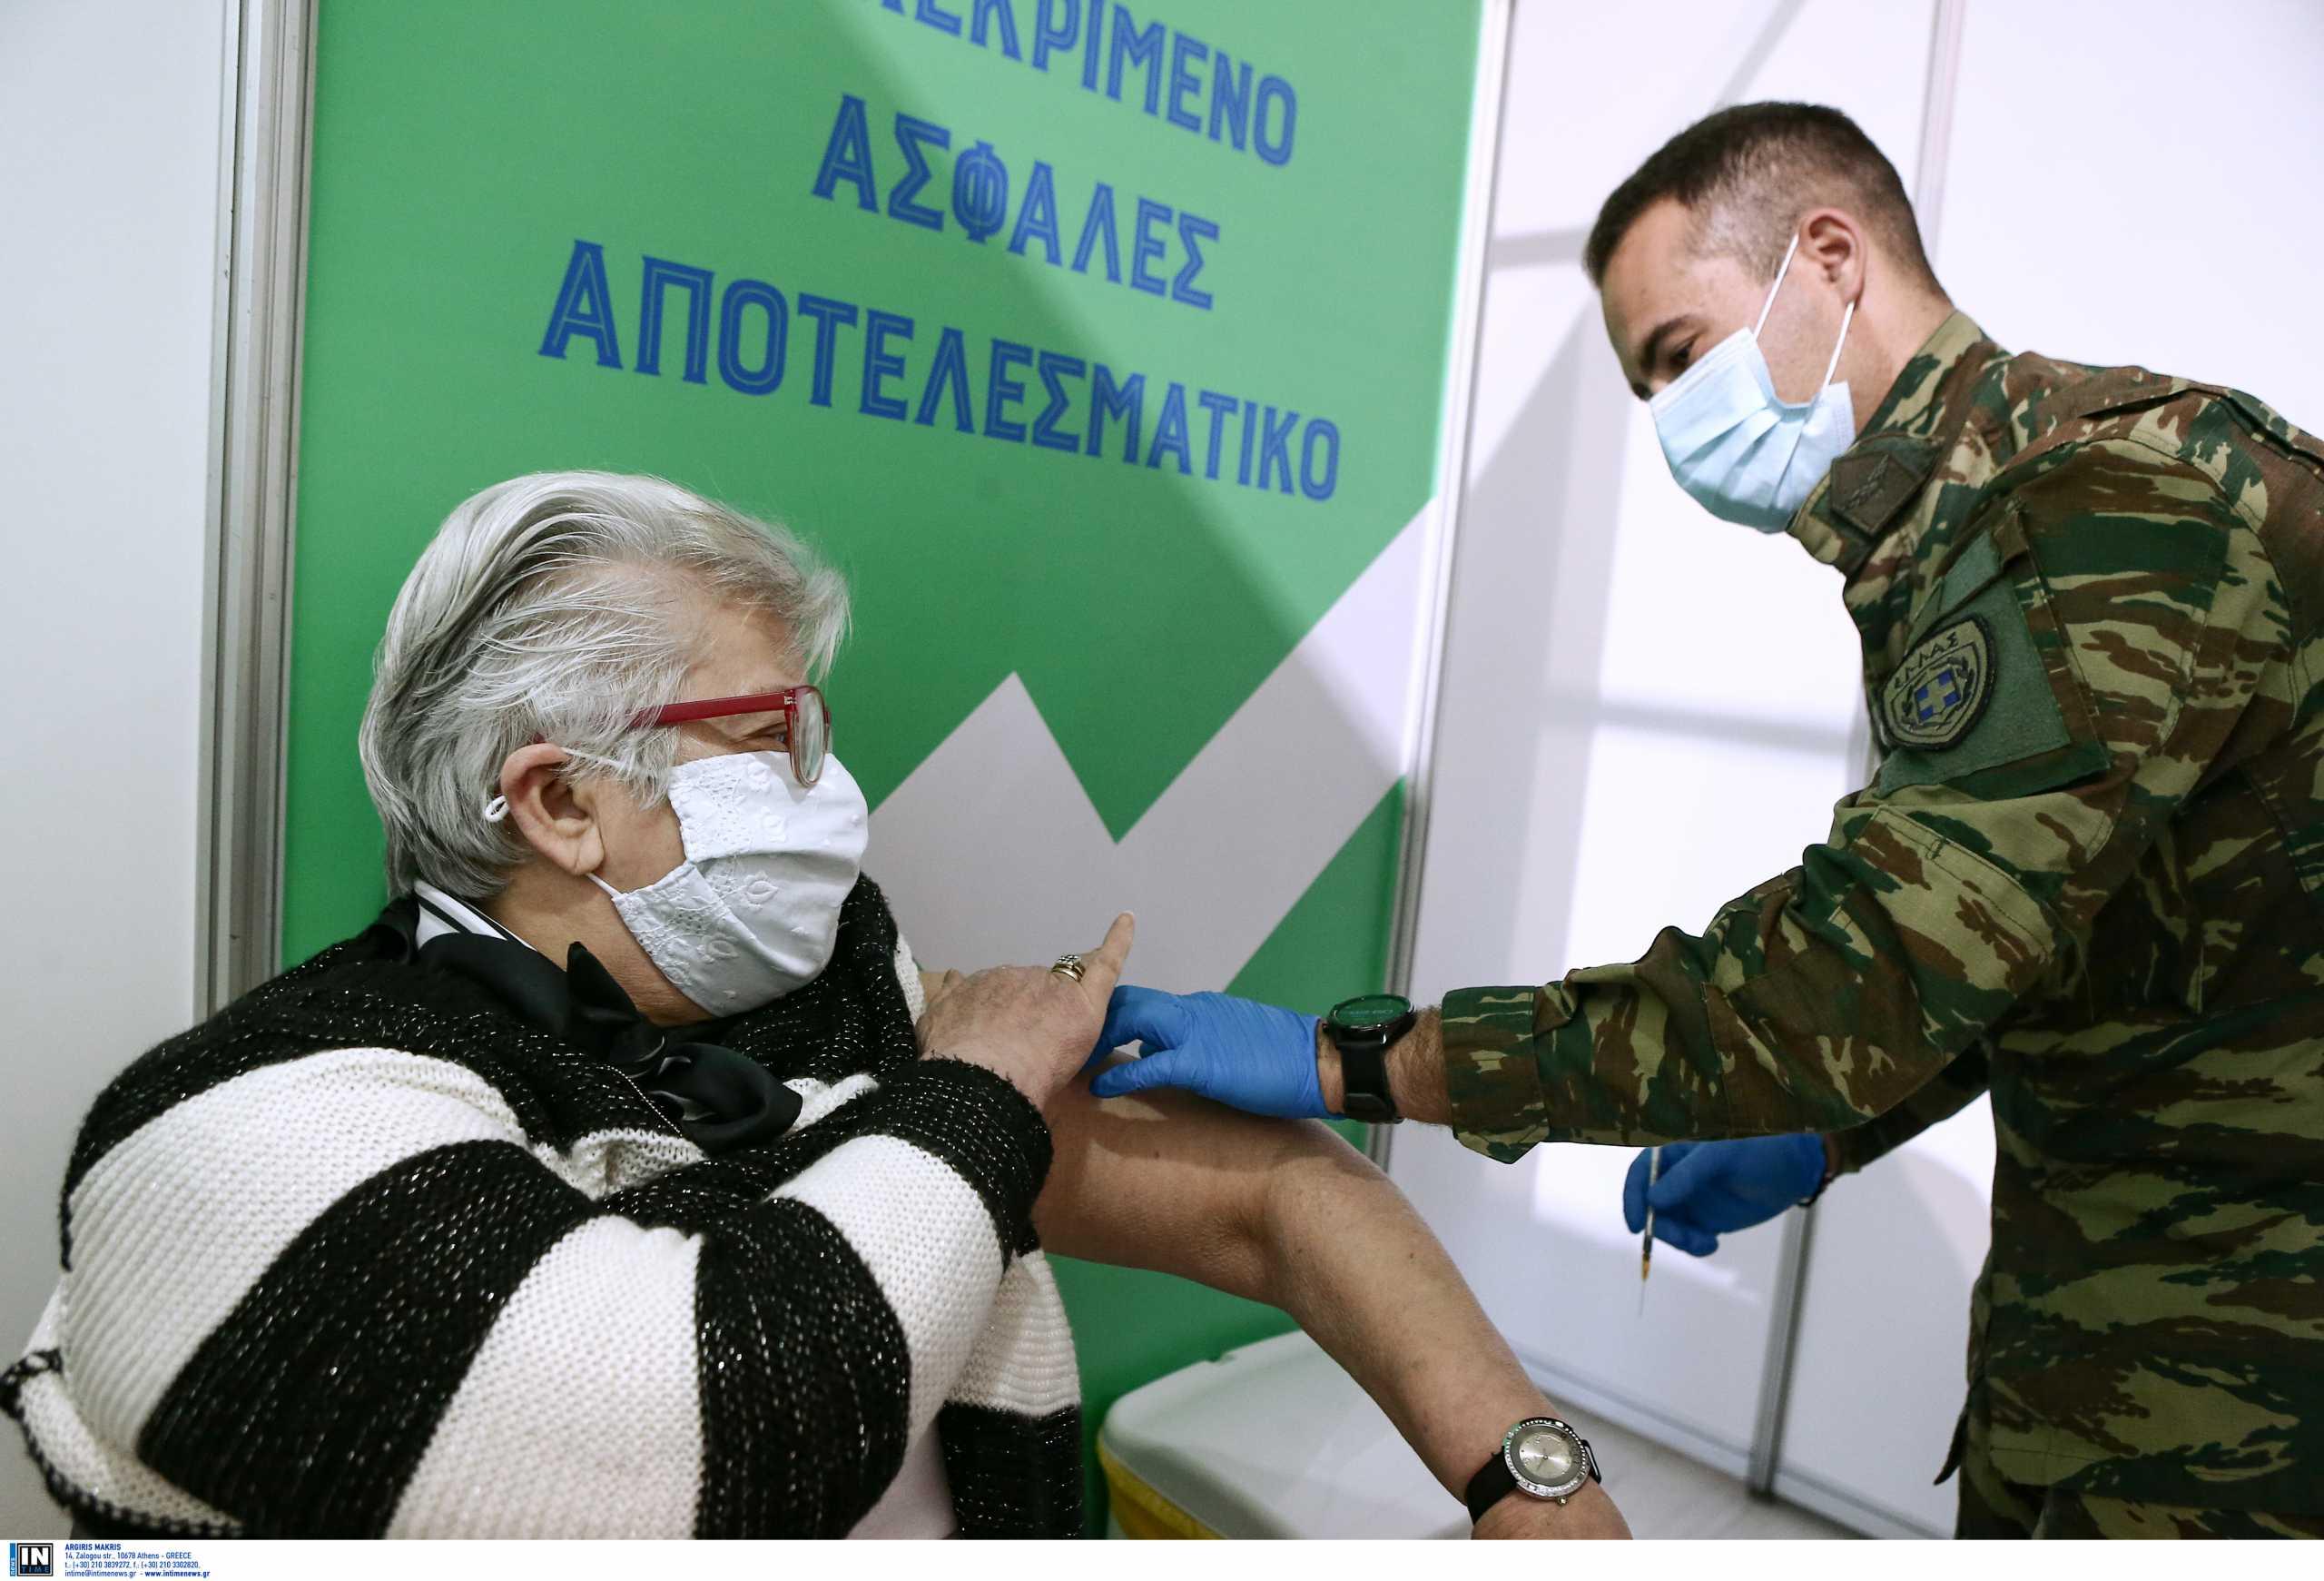 Ελλάδα και εμβολιασμοί Covid-19: Τα χαμηλότερα ποσοστά εμβολιασμού ηλικιωμένων στην Ευρώπη